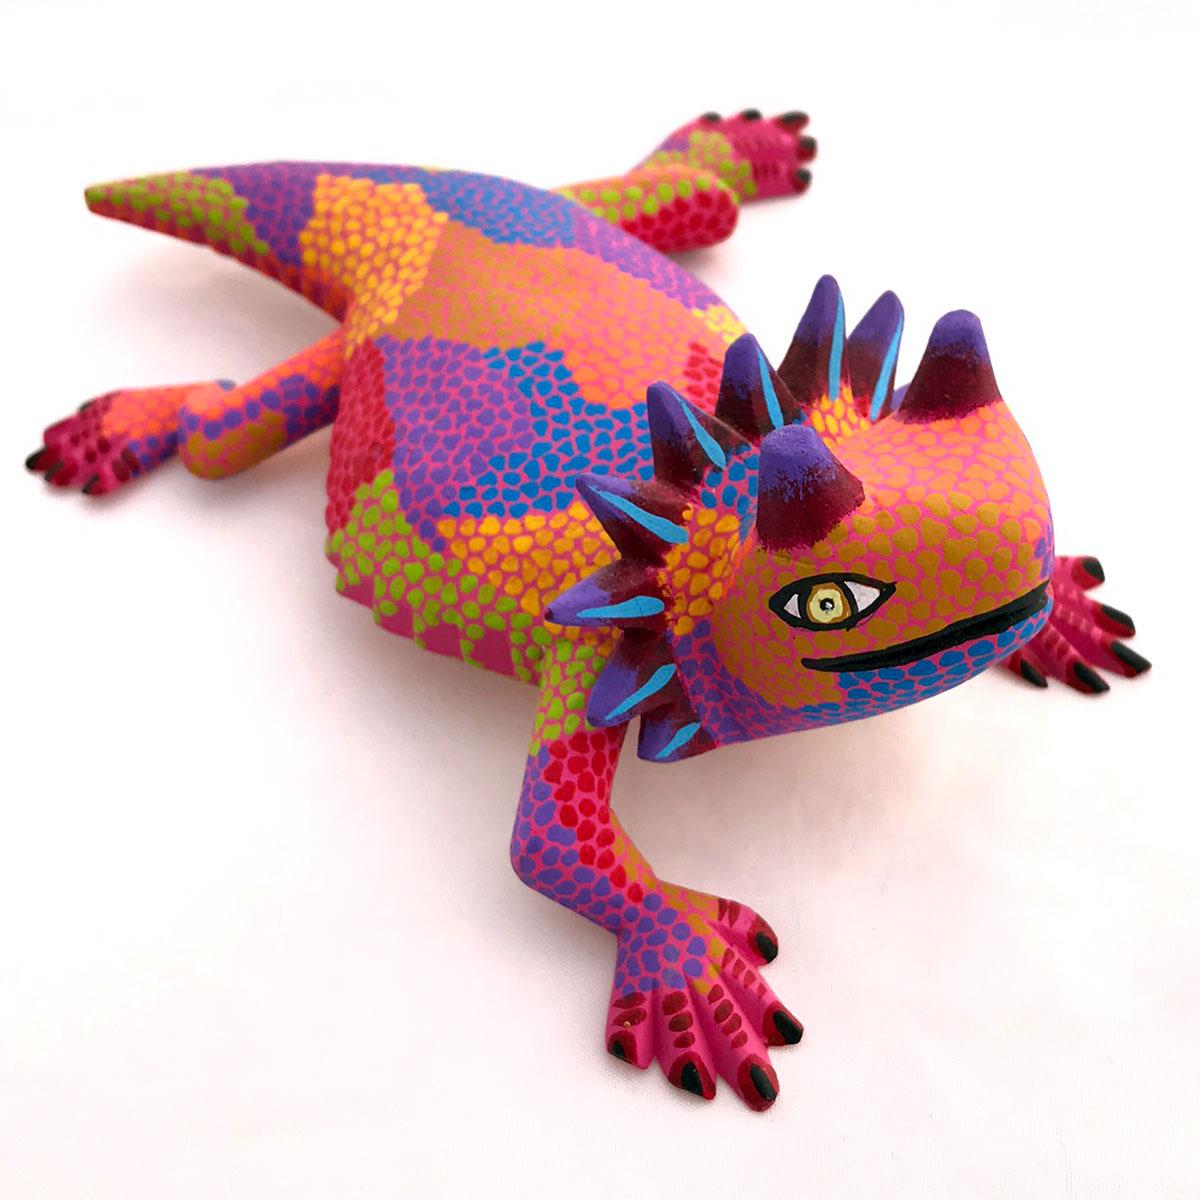 Eleazar Morales Eleazar Morales: Small Horned Lizard Eleazar Morales